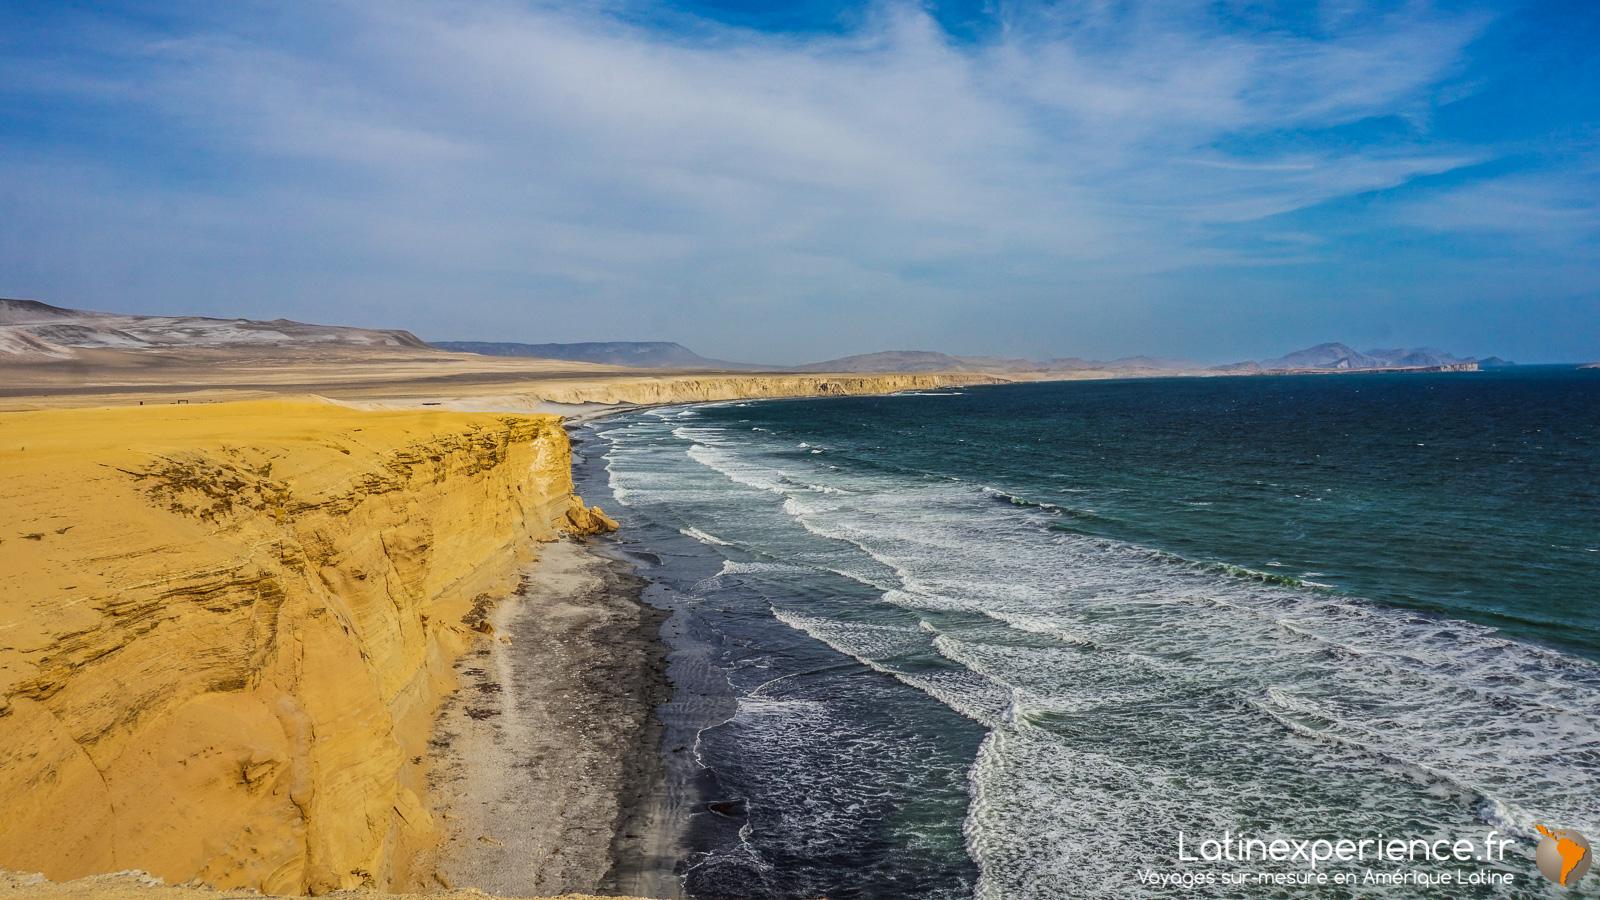 Pérou - Paracas - Latinexperience voyages